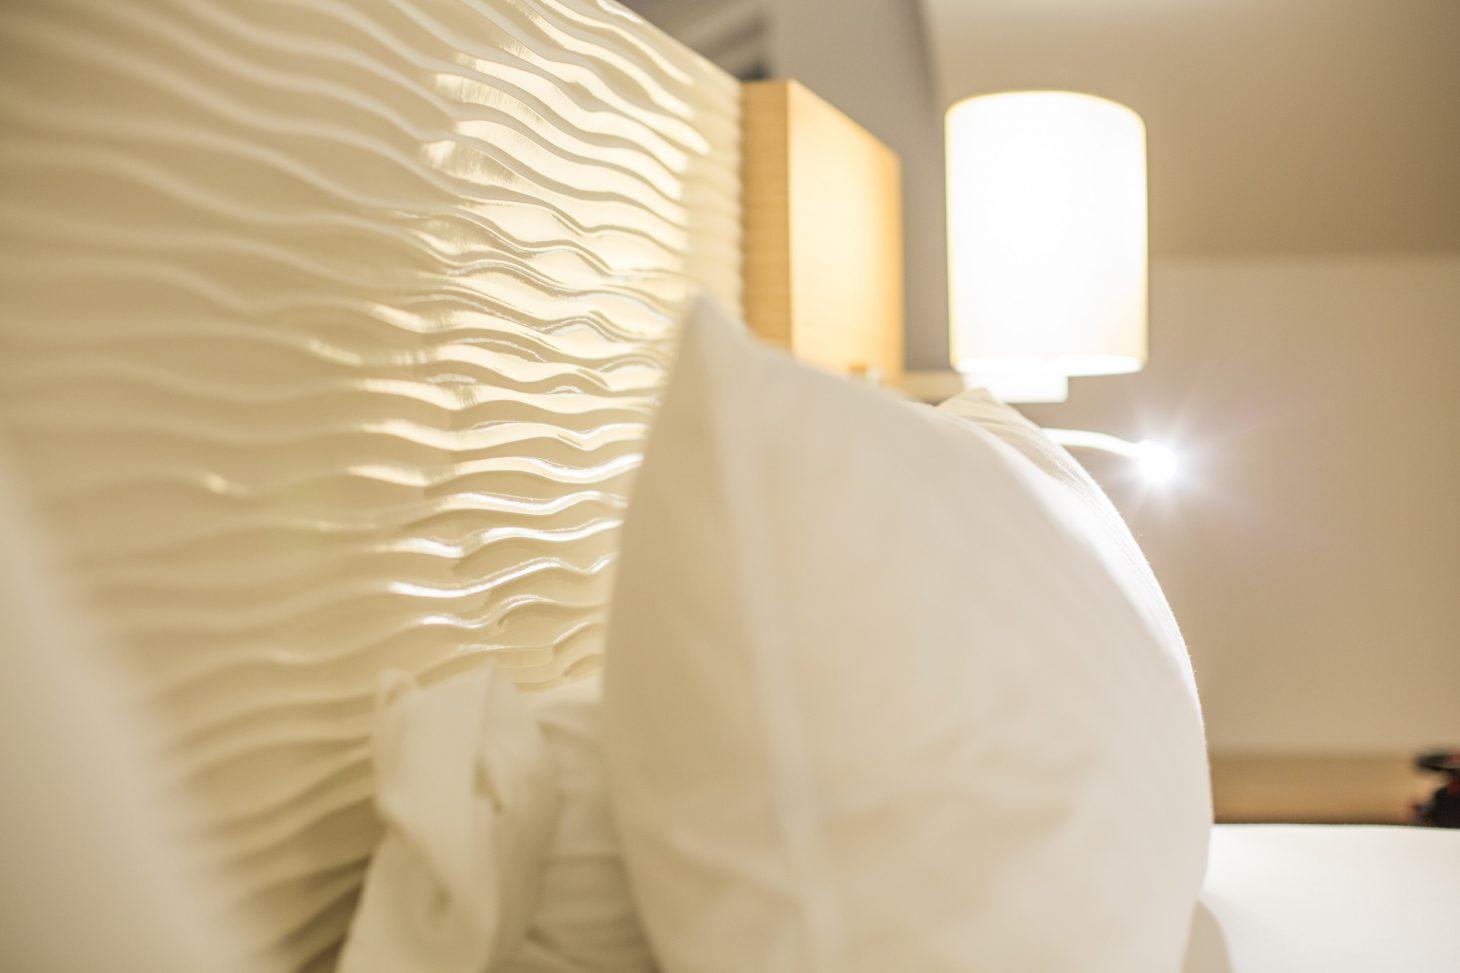 hotel-janssen-2016-09-14-022